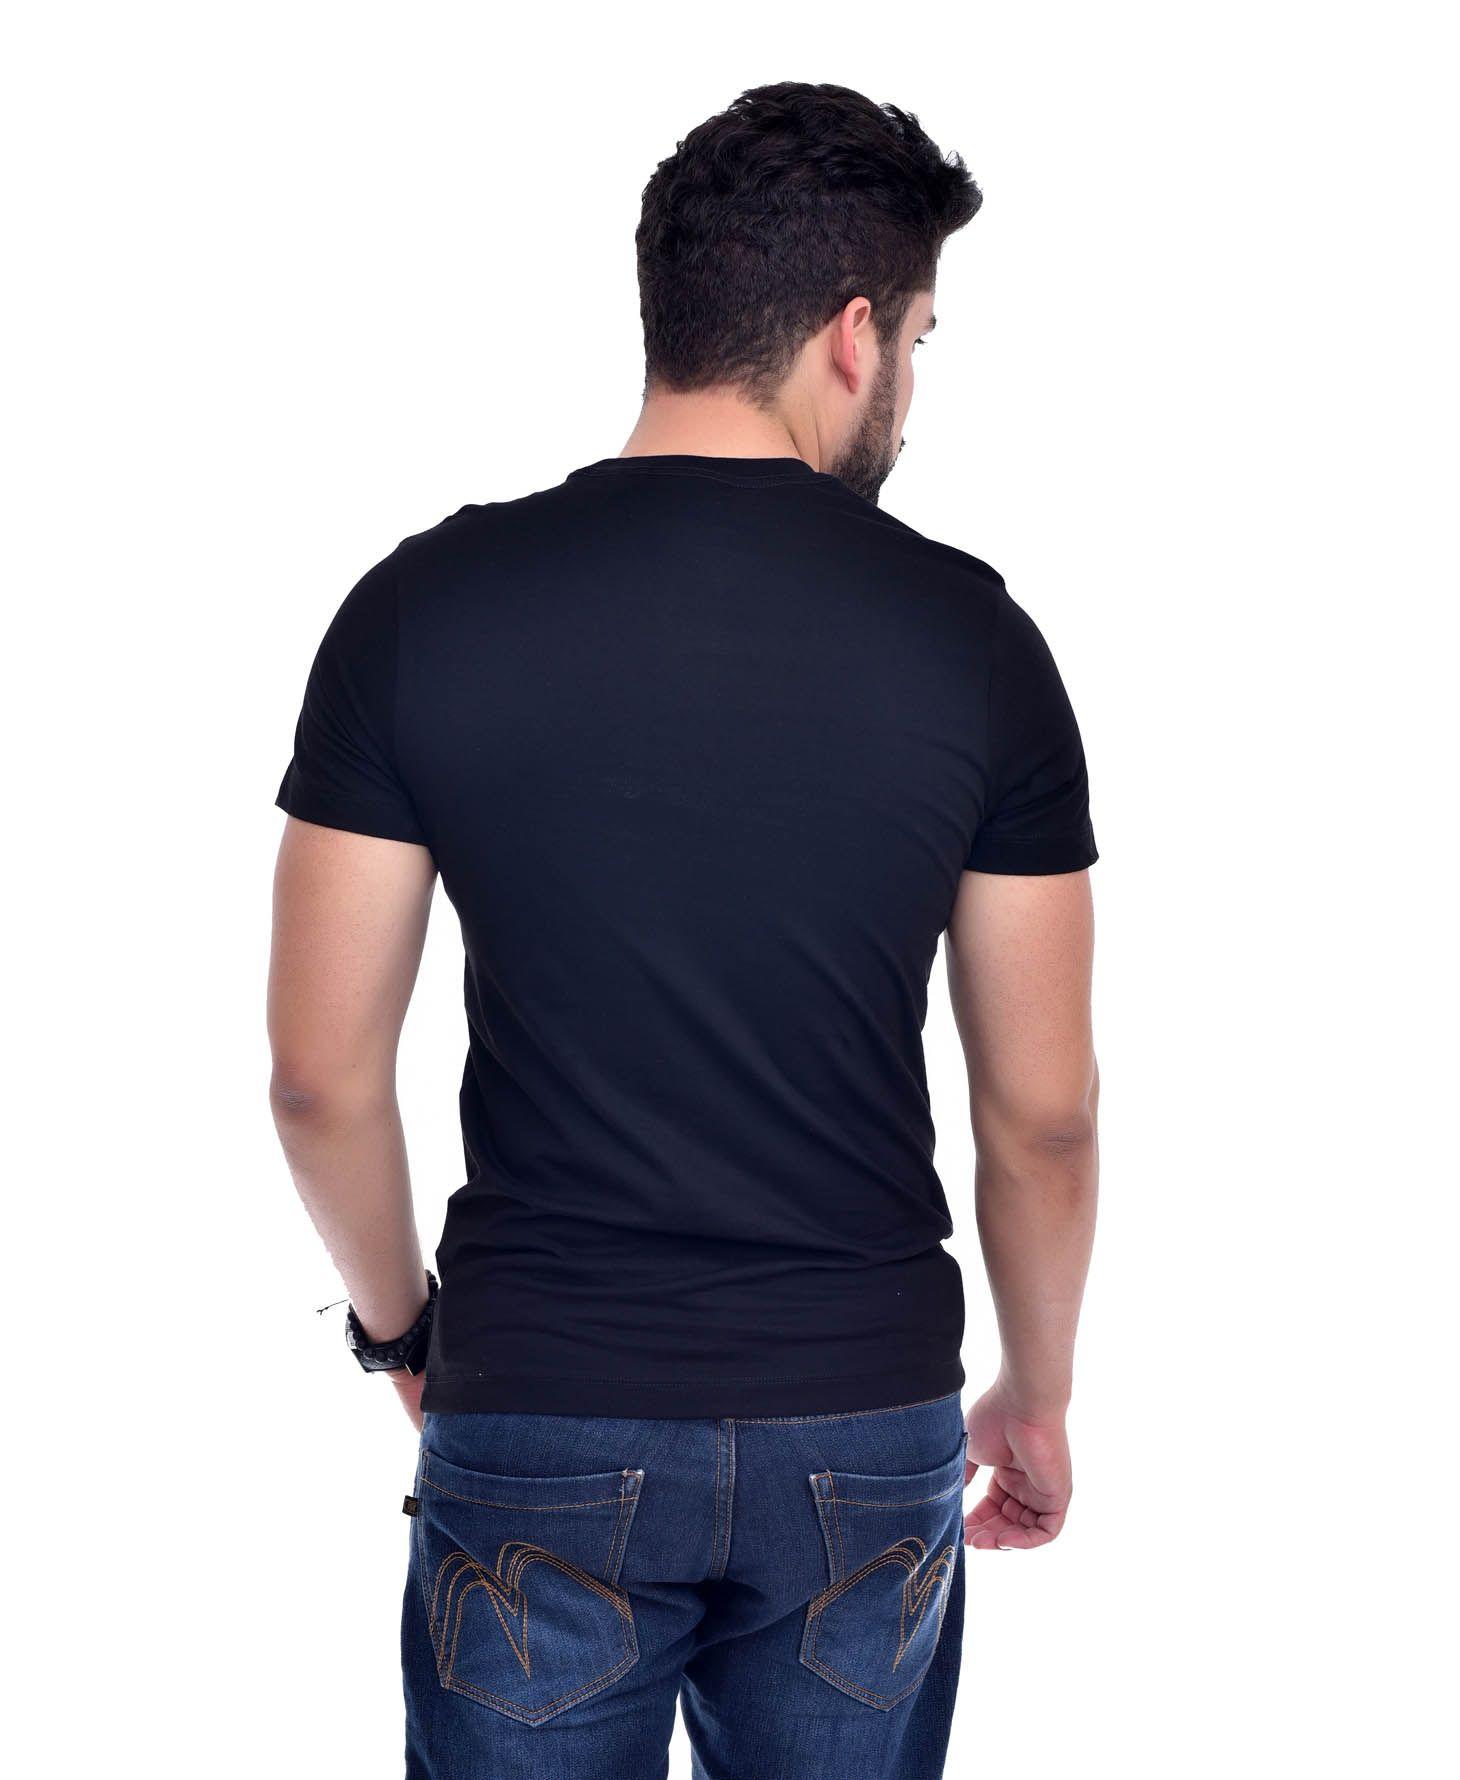 Camiseta L-04 Preta  - Ca Brasileira